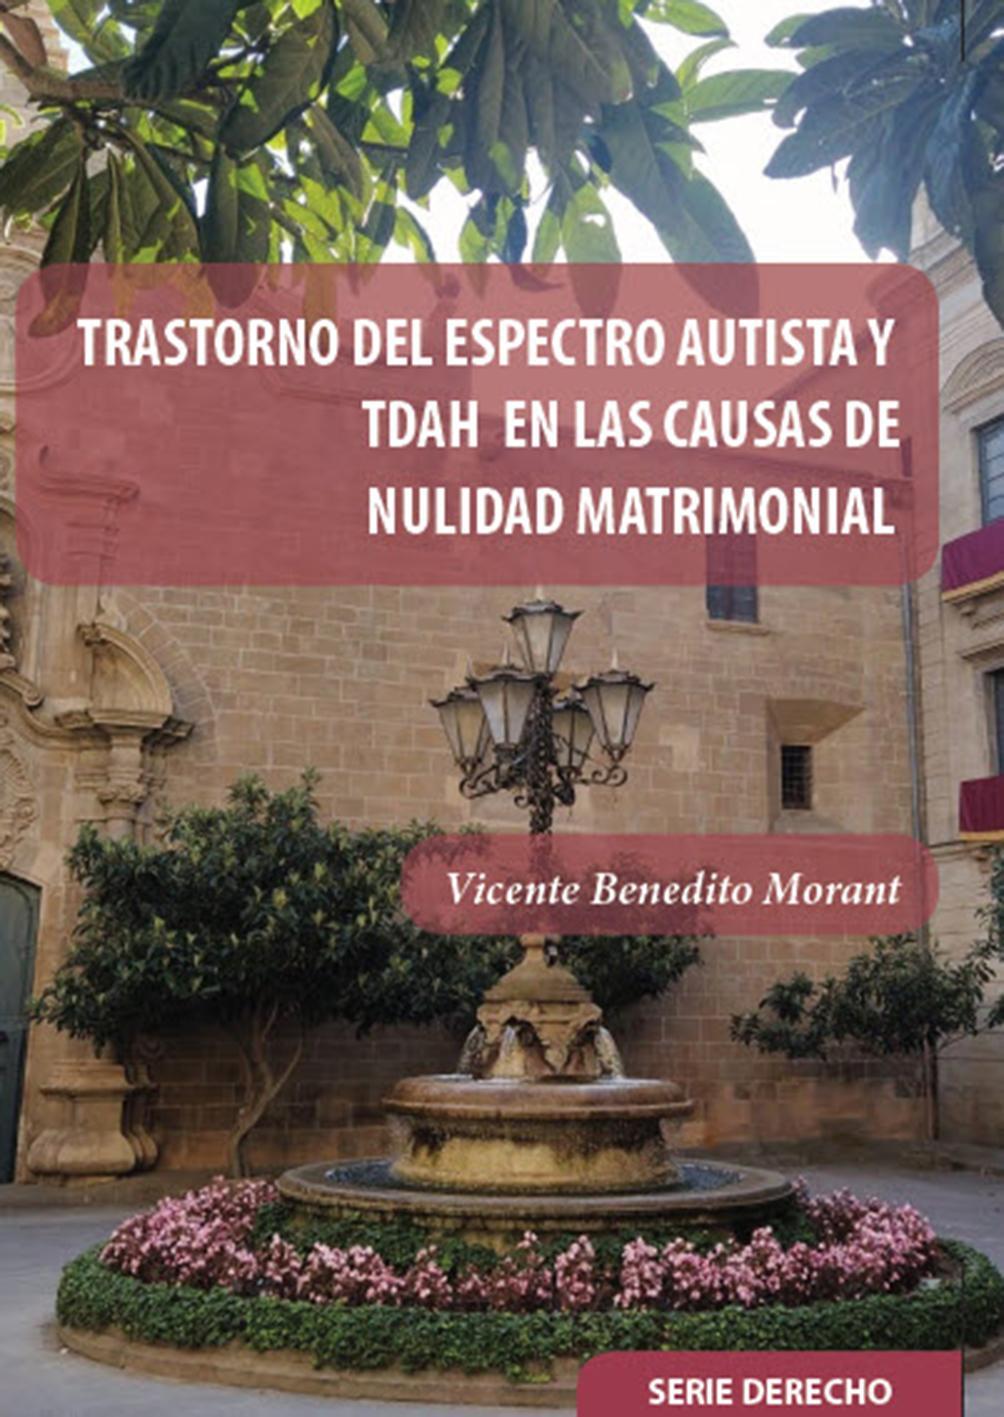 TRASTORNO DEL ESPECTRO AUTISTA Y TDAH EN LAS  CAUSAS DE NULIDAD MATRIMONIAL